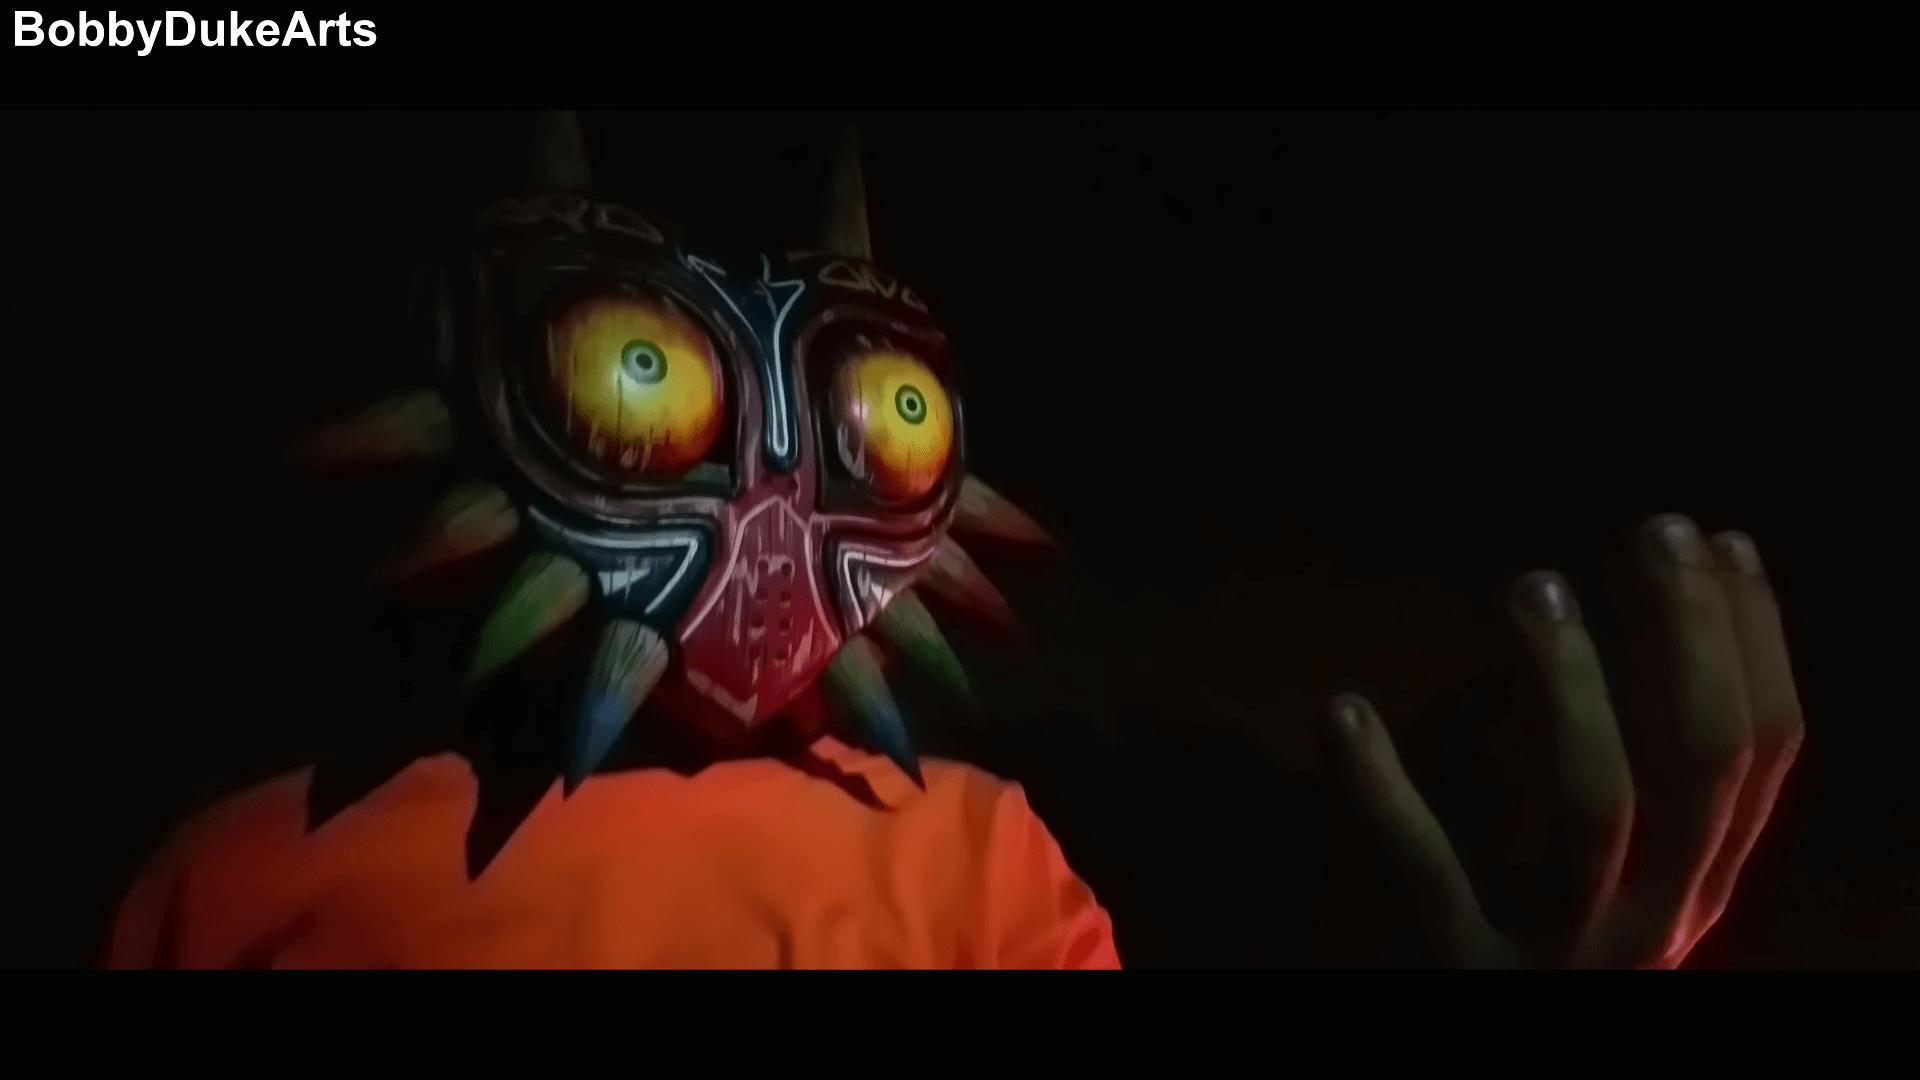 木製のムジュラの仮面って結構良さげじゃね?クラフターによる映像